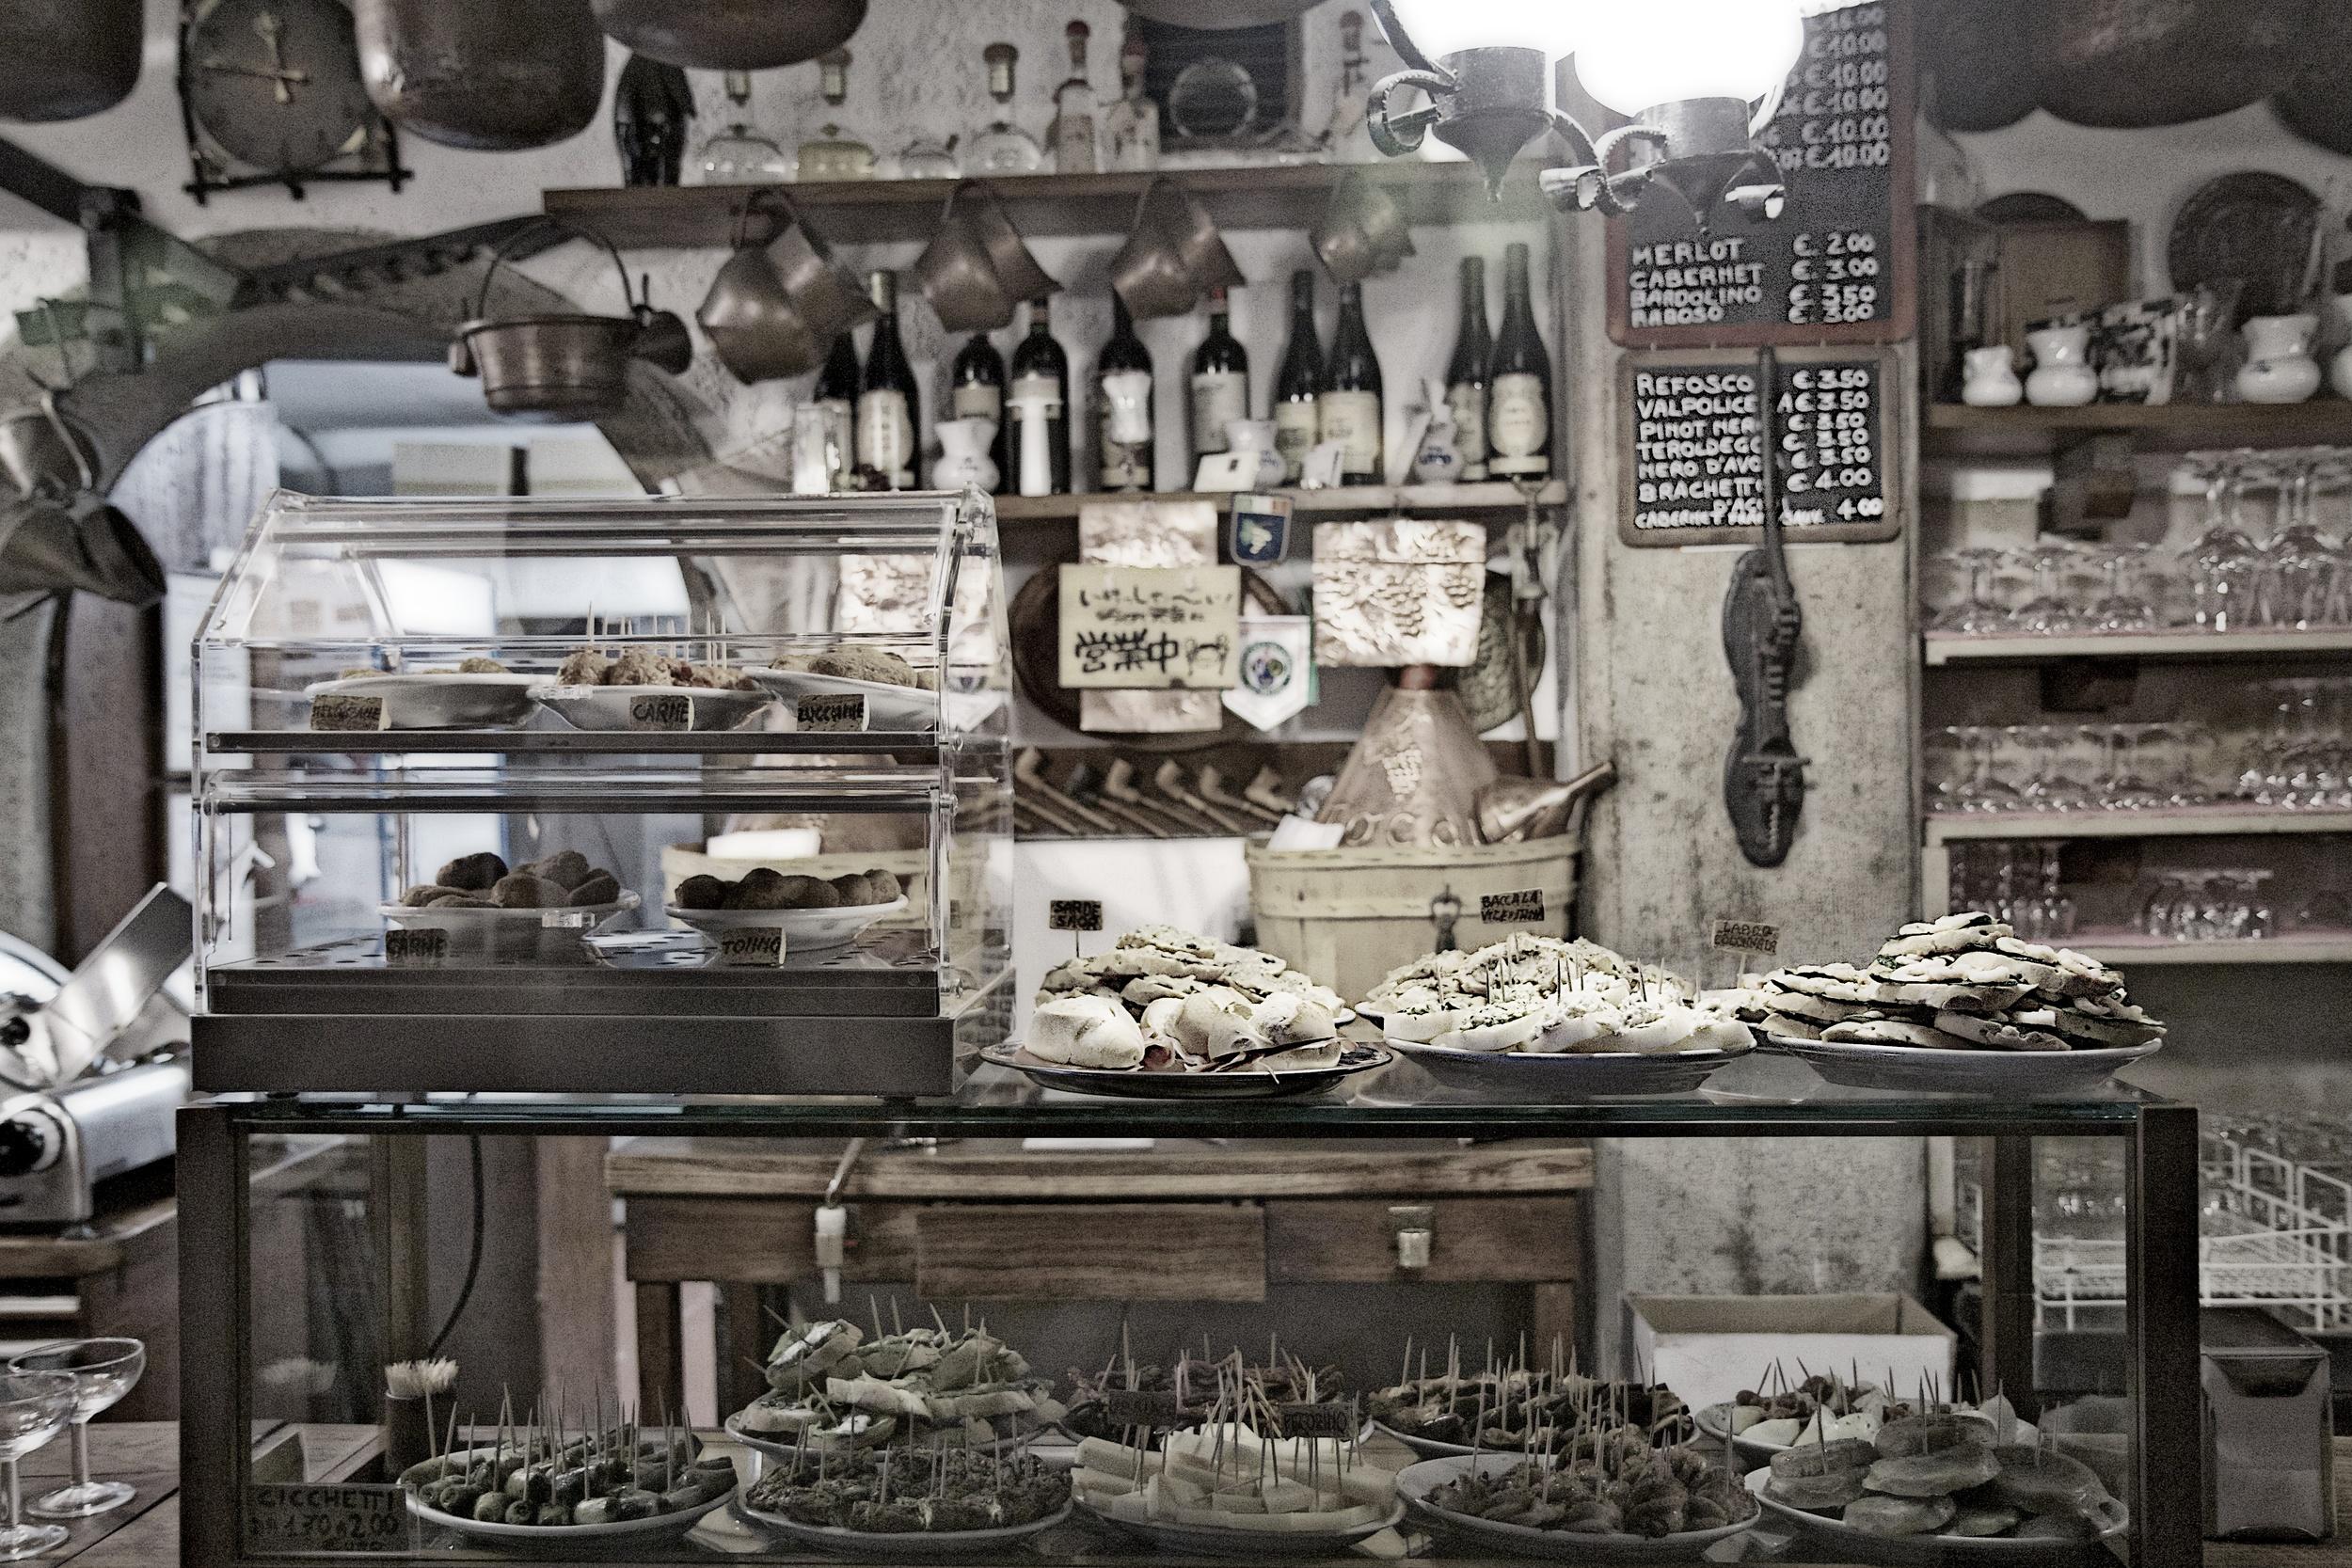 Cantina Do Mori - Open since 1492